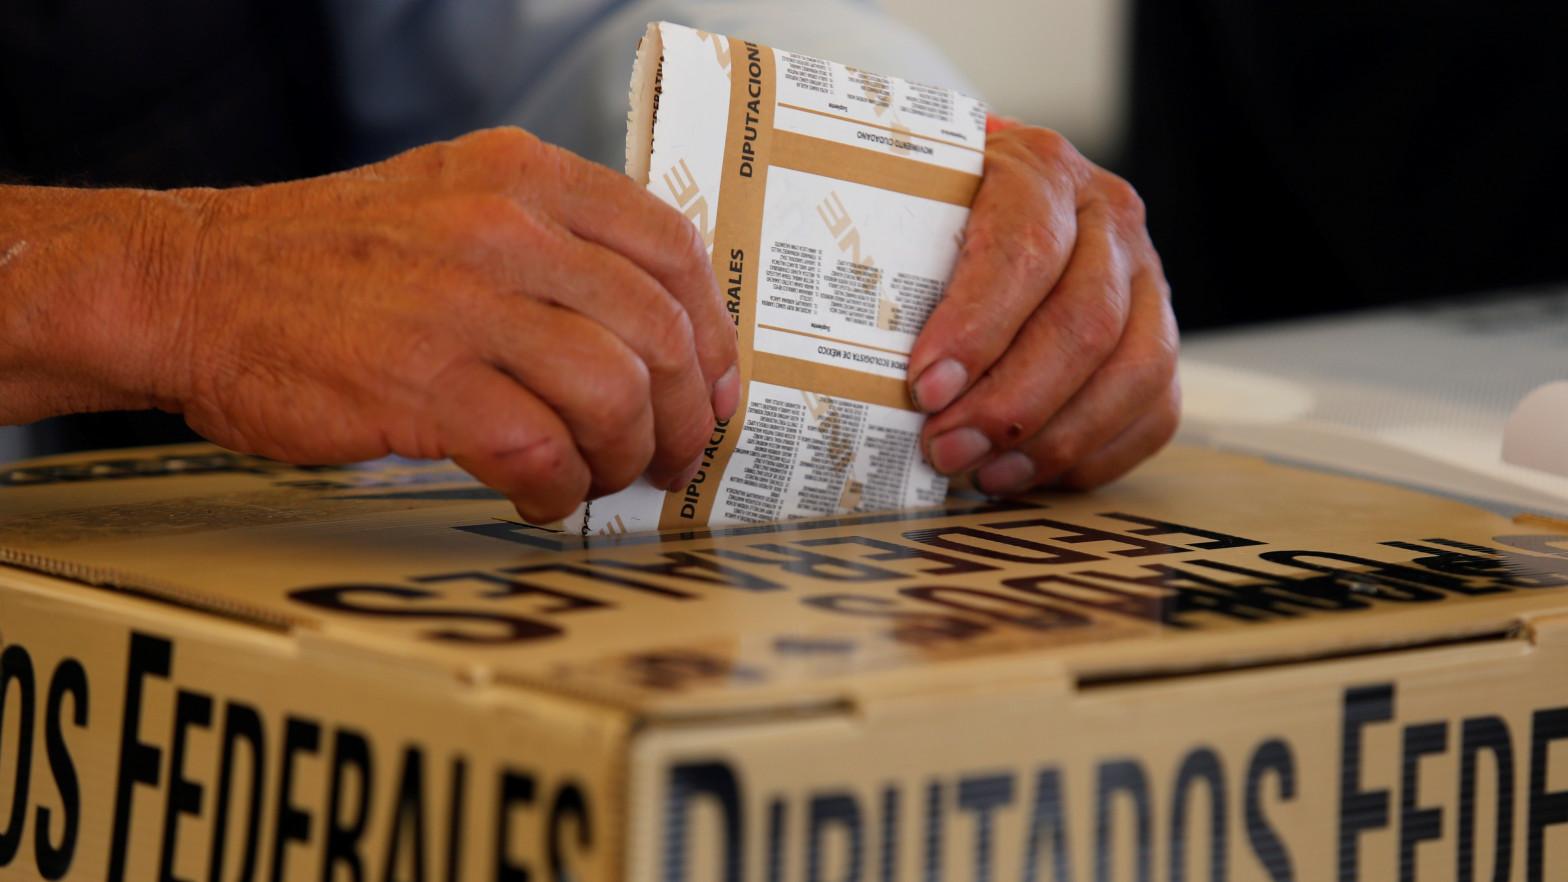 Arrojan cabezas humanas en dos mesas de votación de la mexicana Tijuana